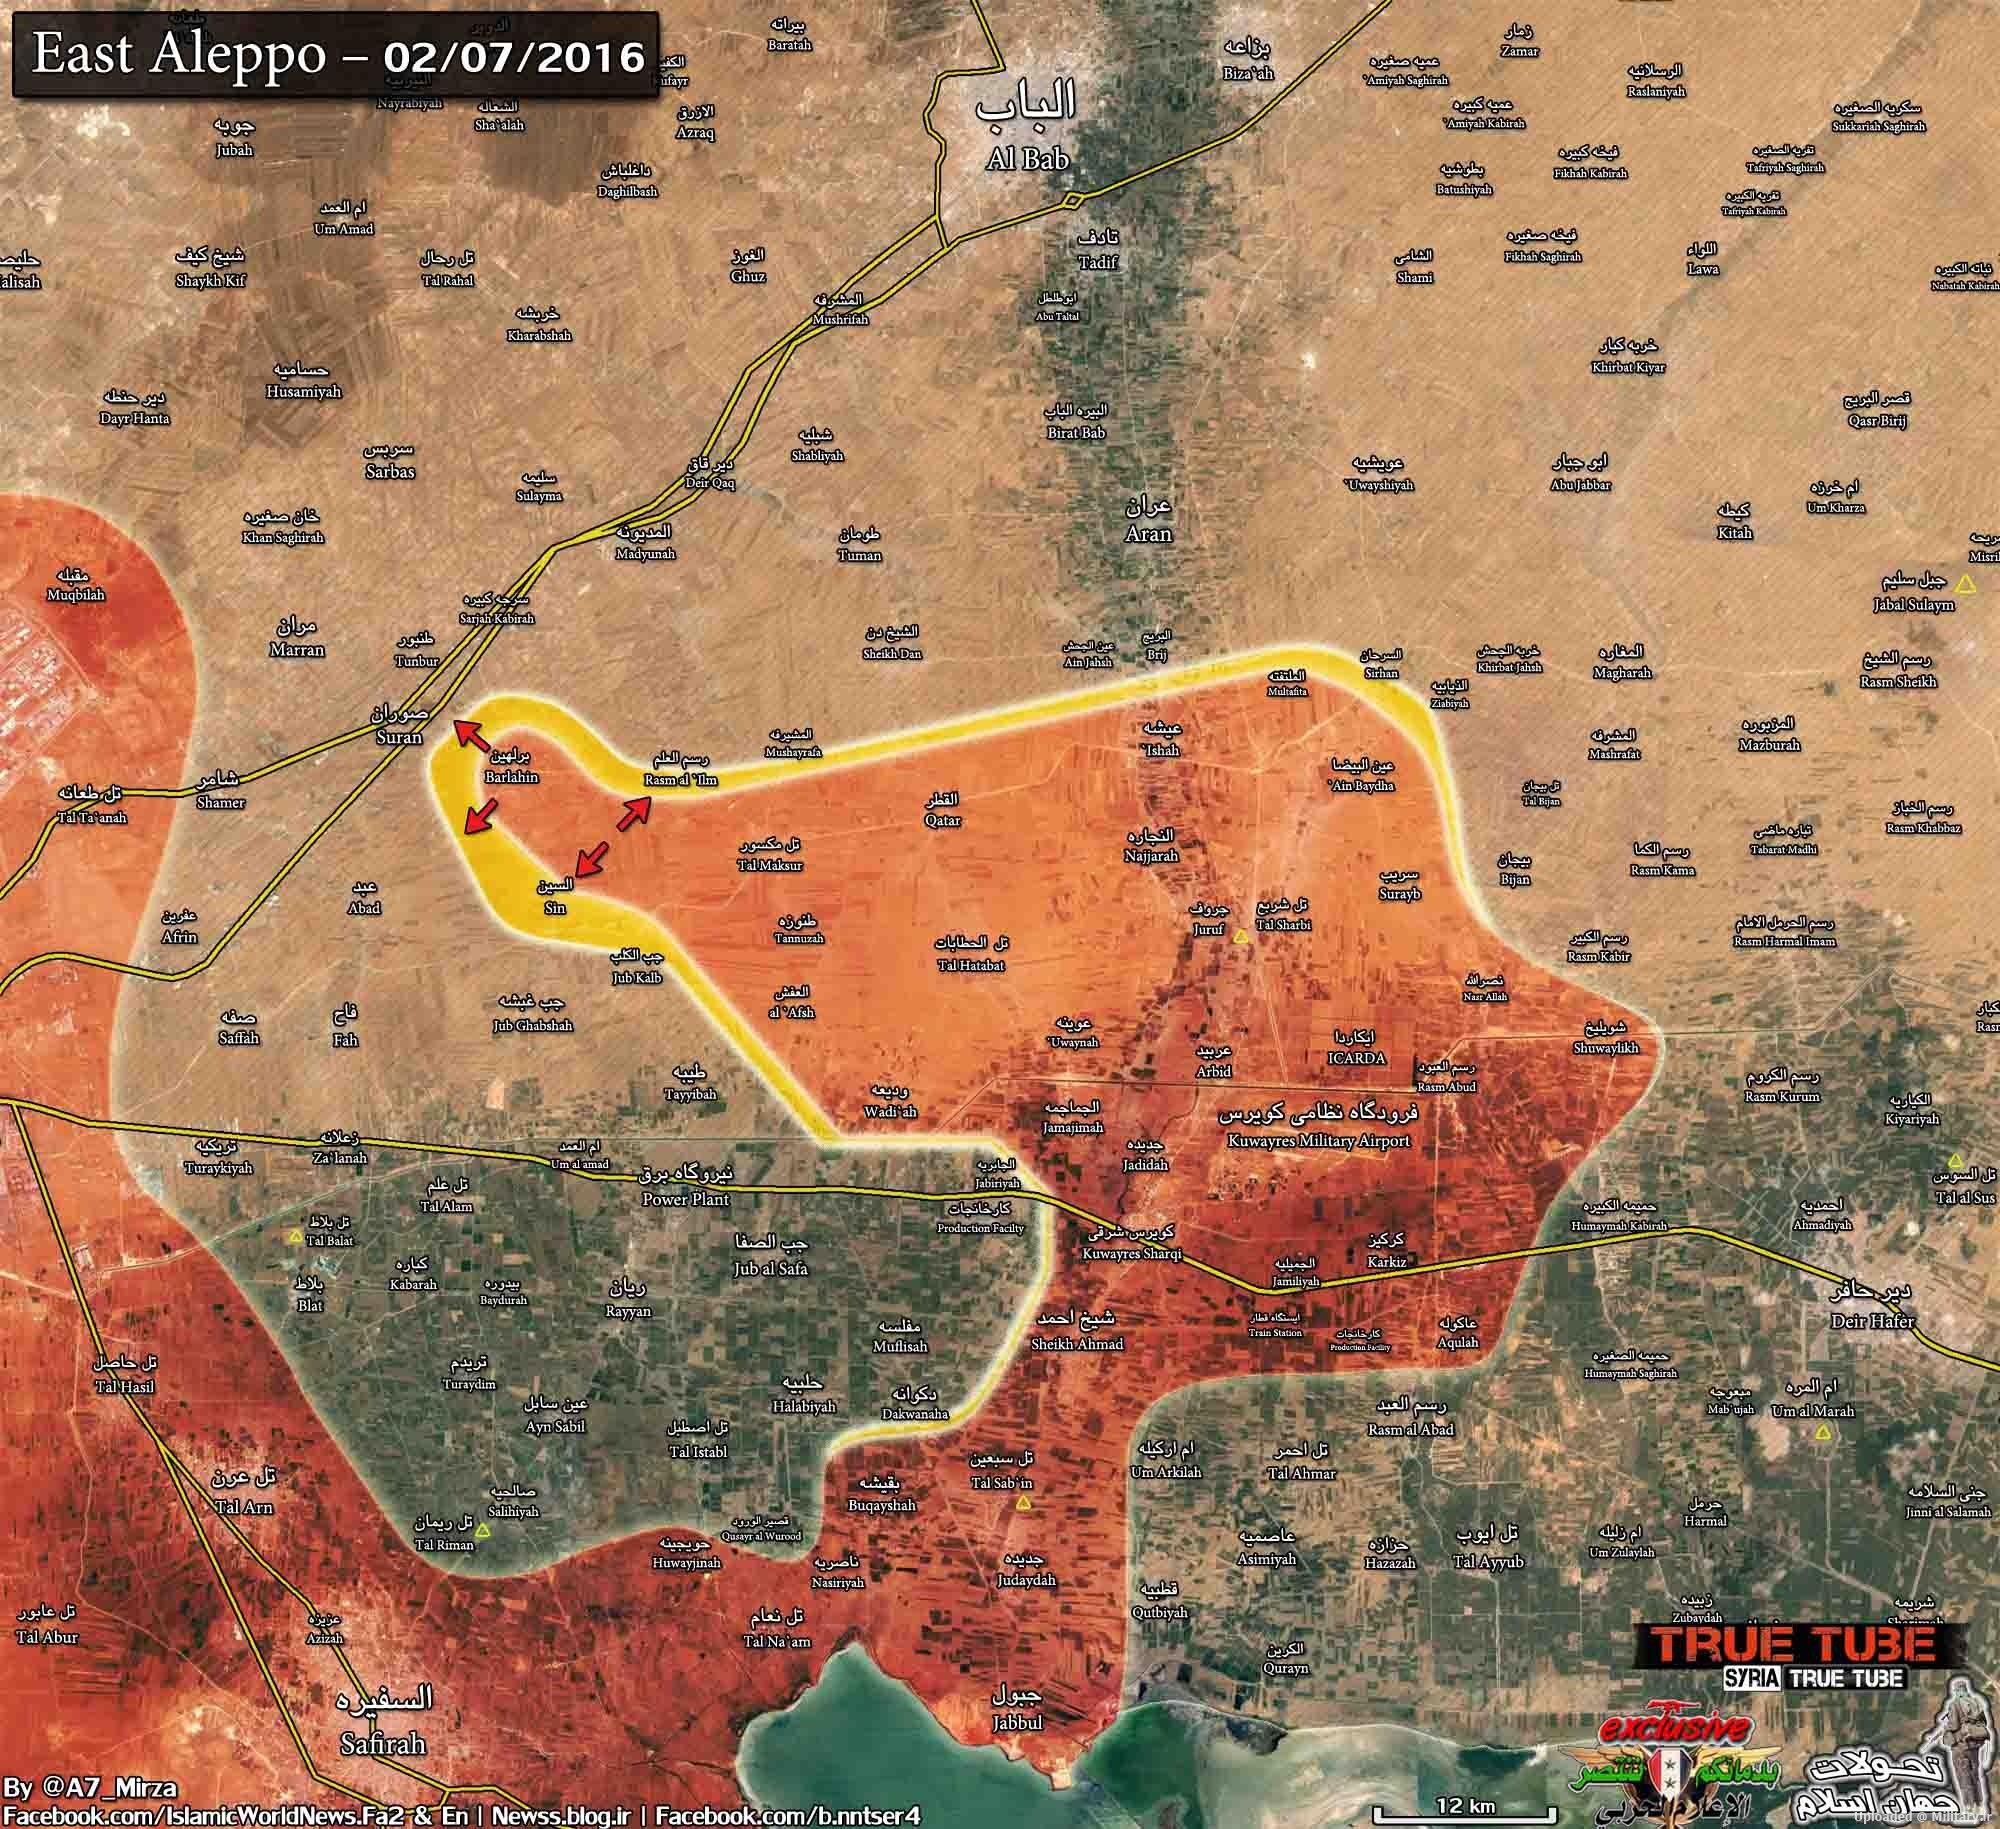 East_Aleppo_12km_cut1_7feb_18bahman_low.